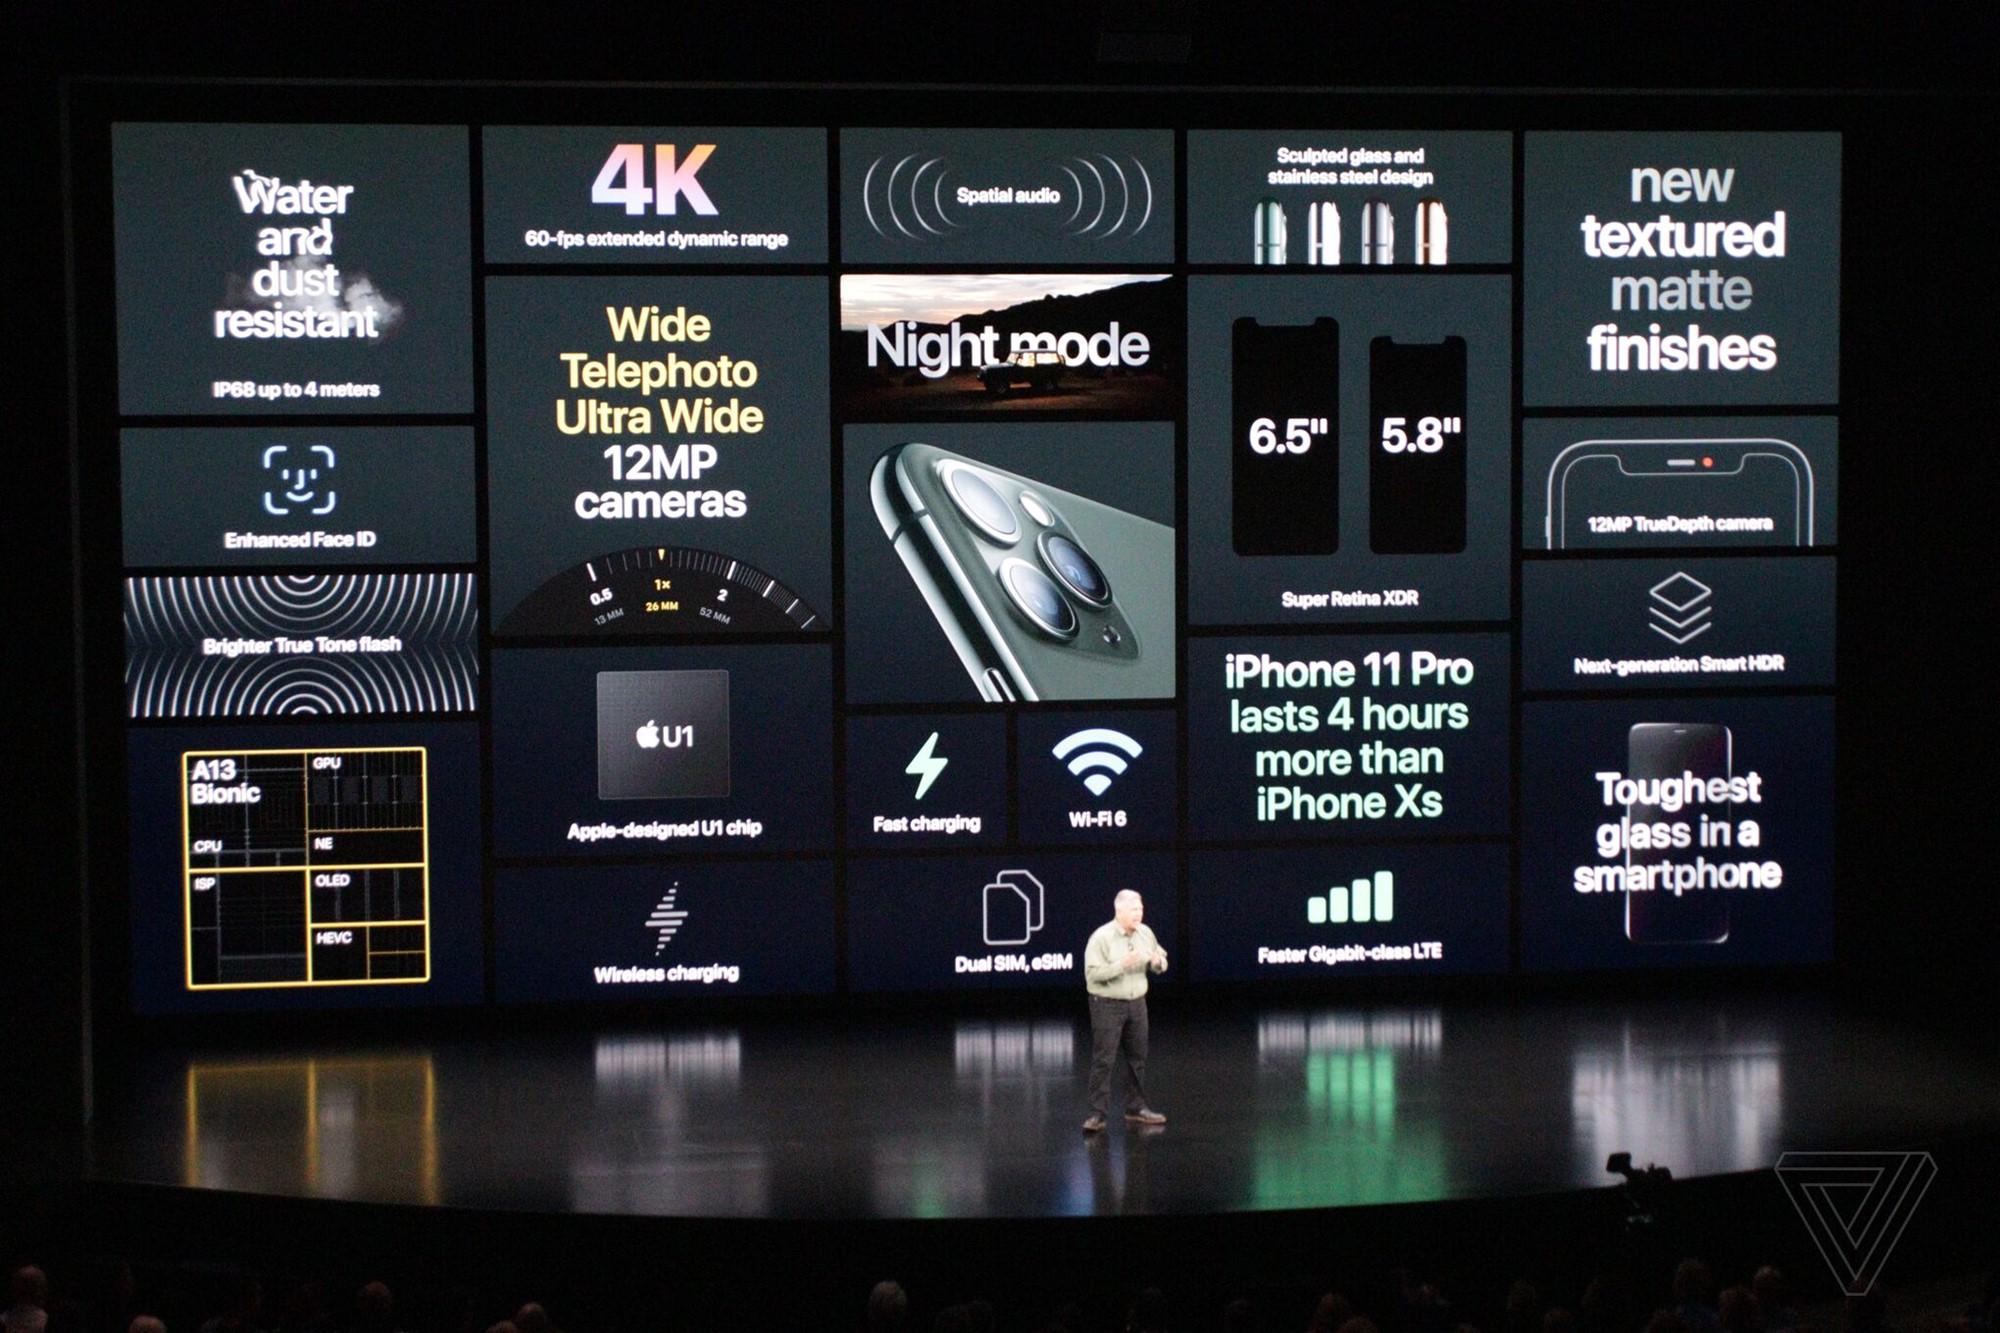 lcimg-227574e2-2ea2-4775-9208-0344c7e7db77 Sự kiện công bố Apple iPhone 11 mới: Camera góc siêu rộng 120 độ, pin lớn hơn tới 5h so với iPhone XR, giá chỉ từ 699$